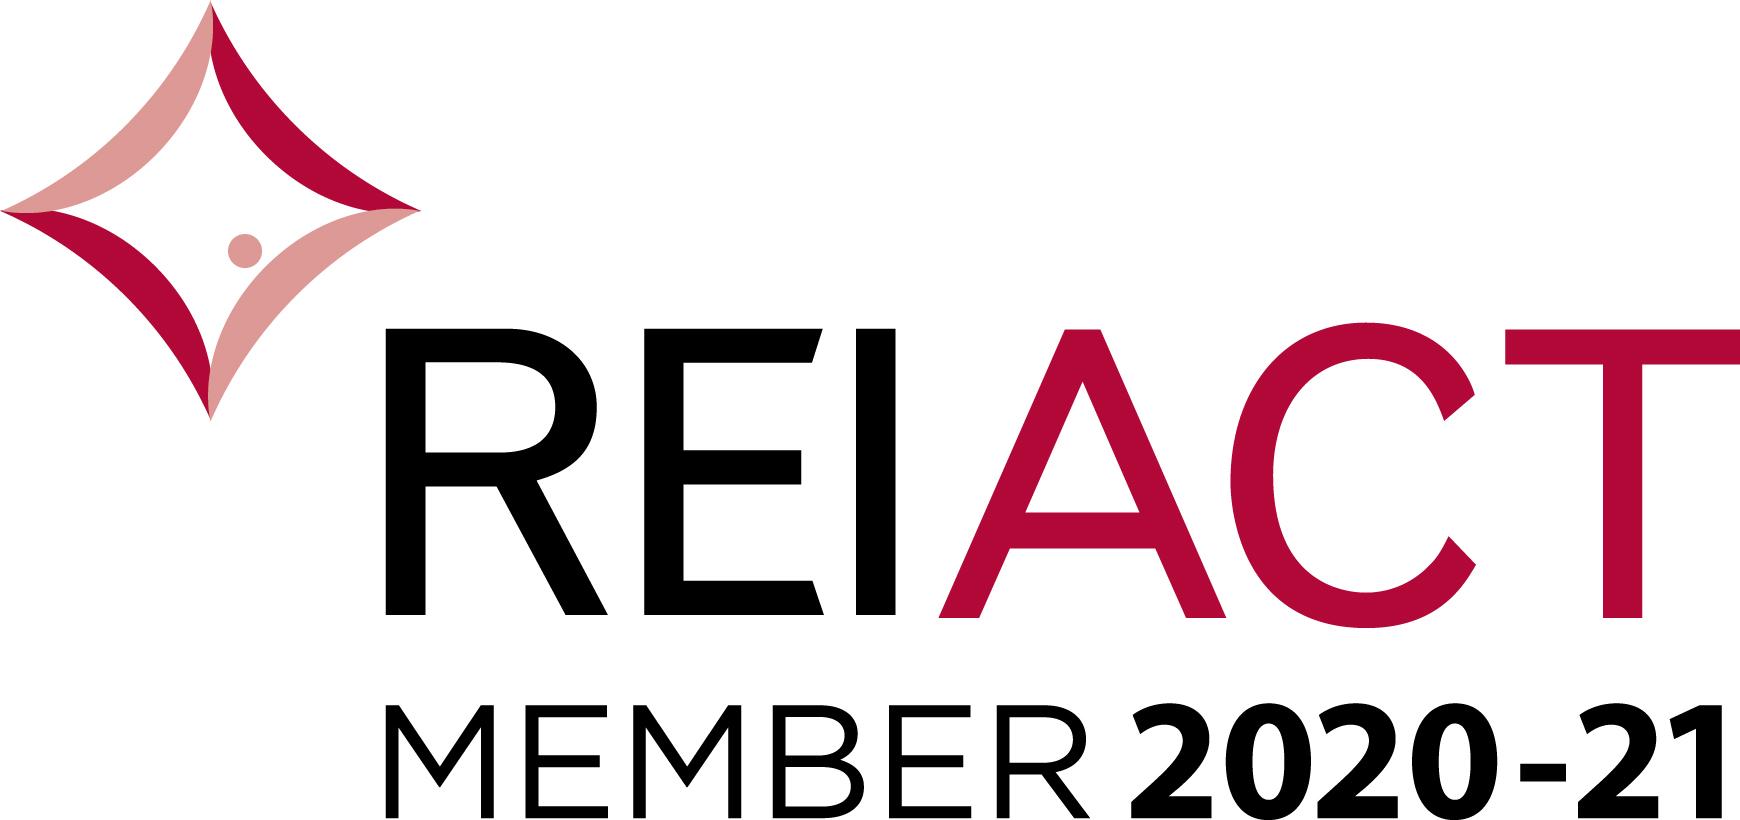 reiact-logo-member-2020-21